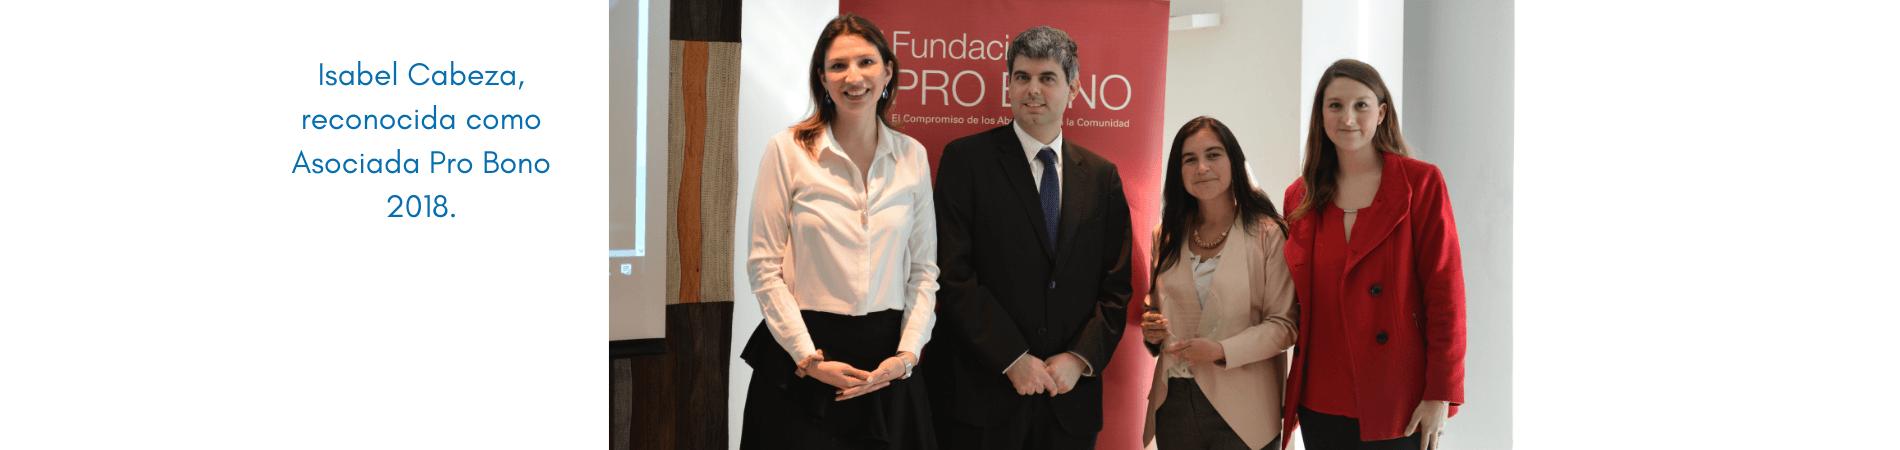 Isabel Cabeza: Asociada Pro Bono 2018